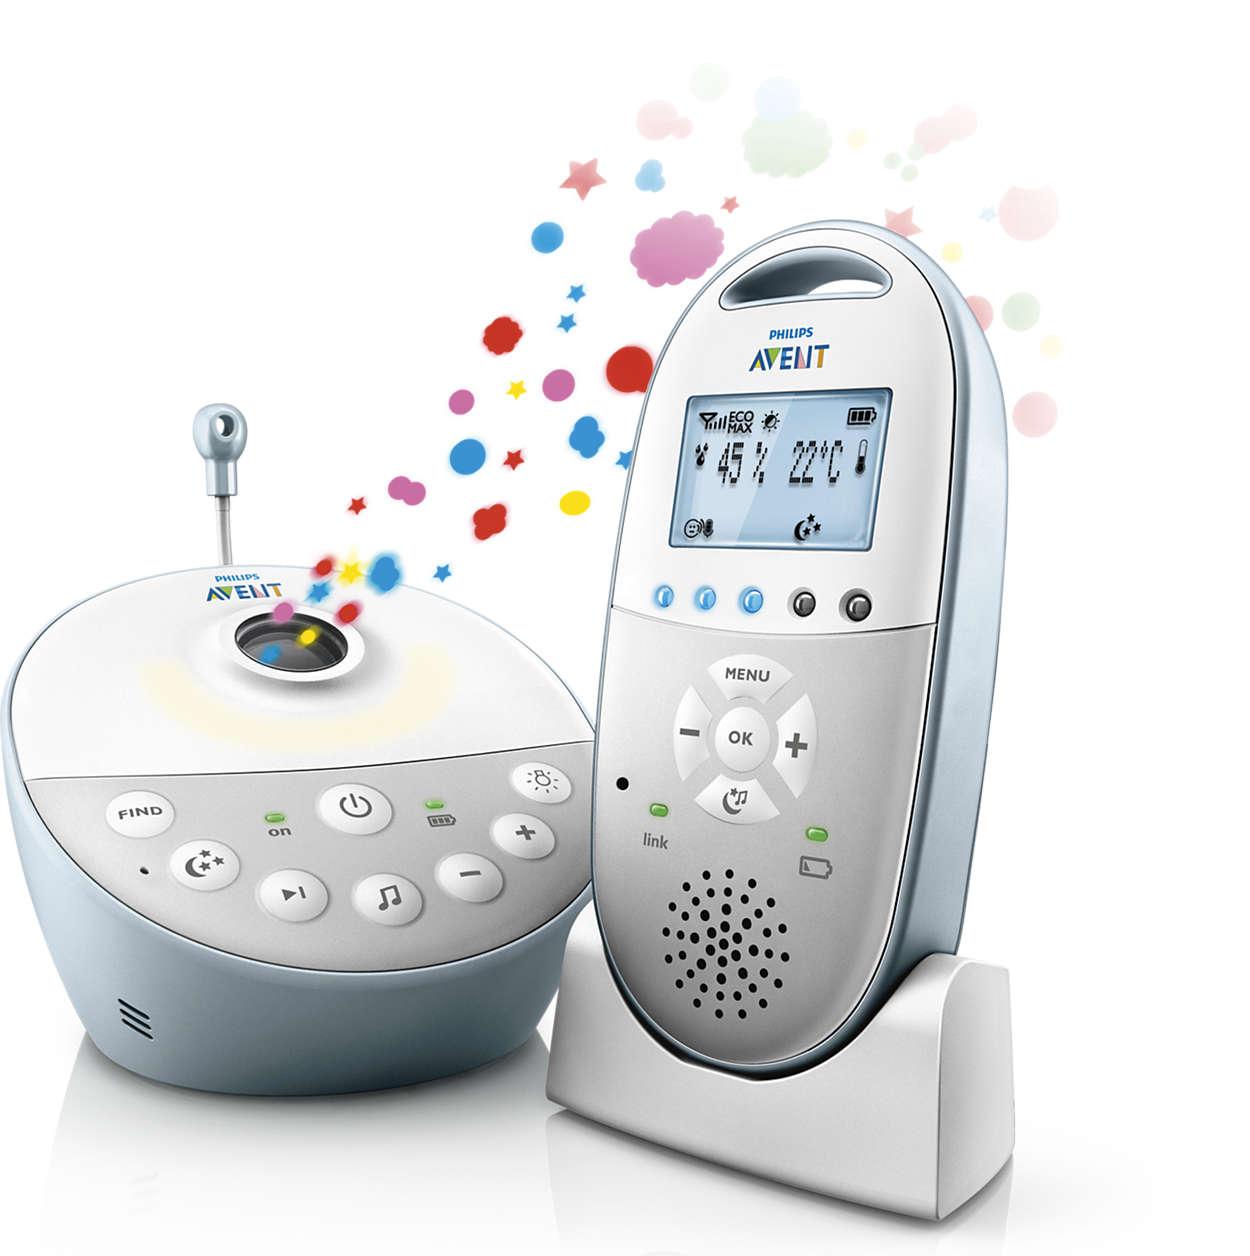 Avent Dect Συσκευή Παρακολούθησης Μωρού (Προβολή Σχεδίων) μητέρα παιδί   αξεσουάρ και παιχνίδια   ενδοεπικοινωνία   αποστειρωτές